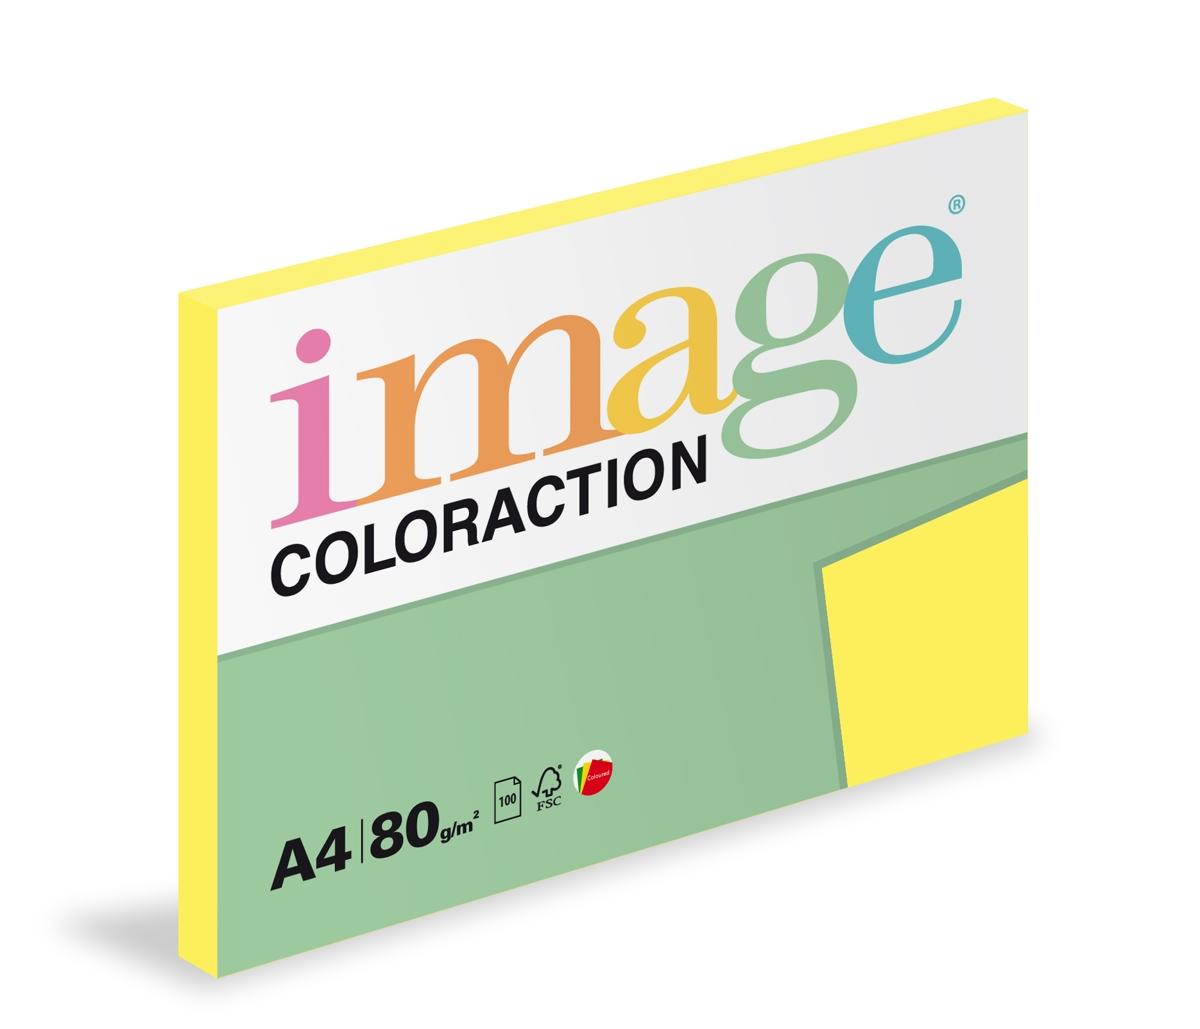 Papír kopírovací Coloraction A4 80 g žlutá střední 100 listů